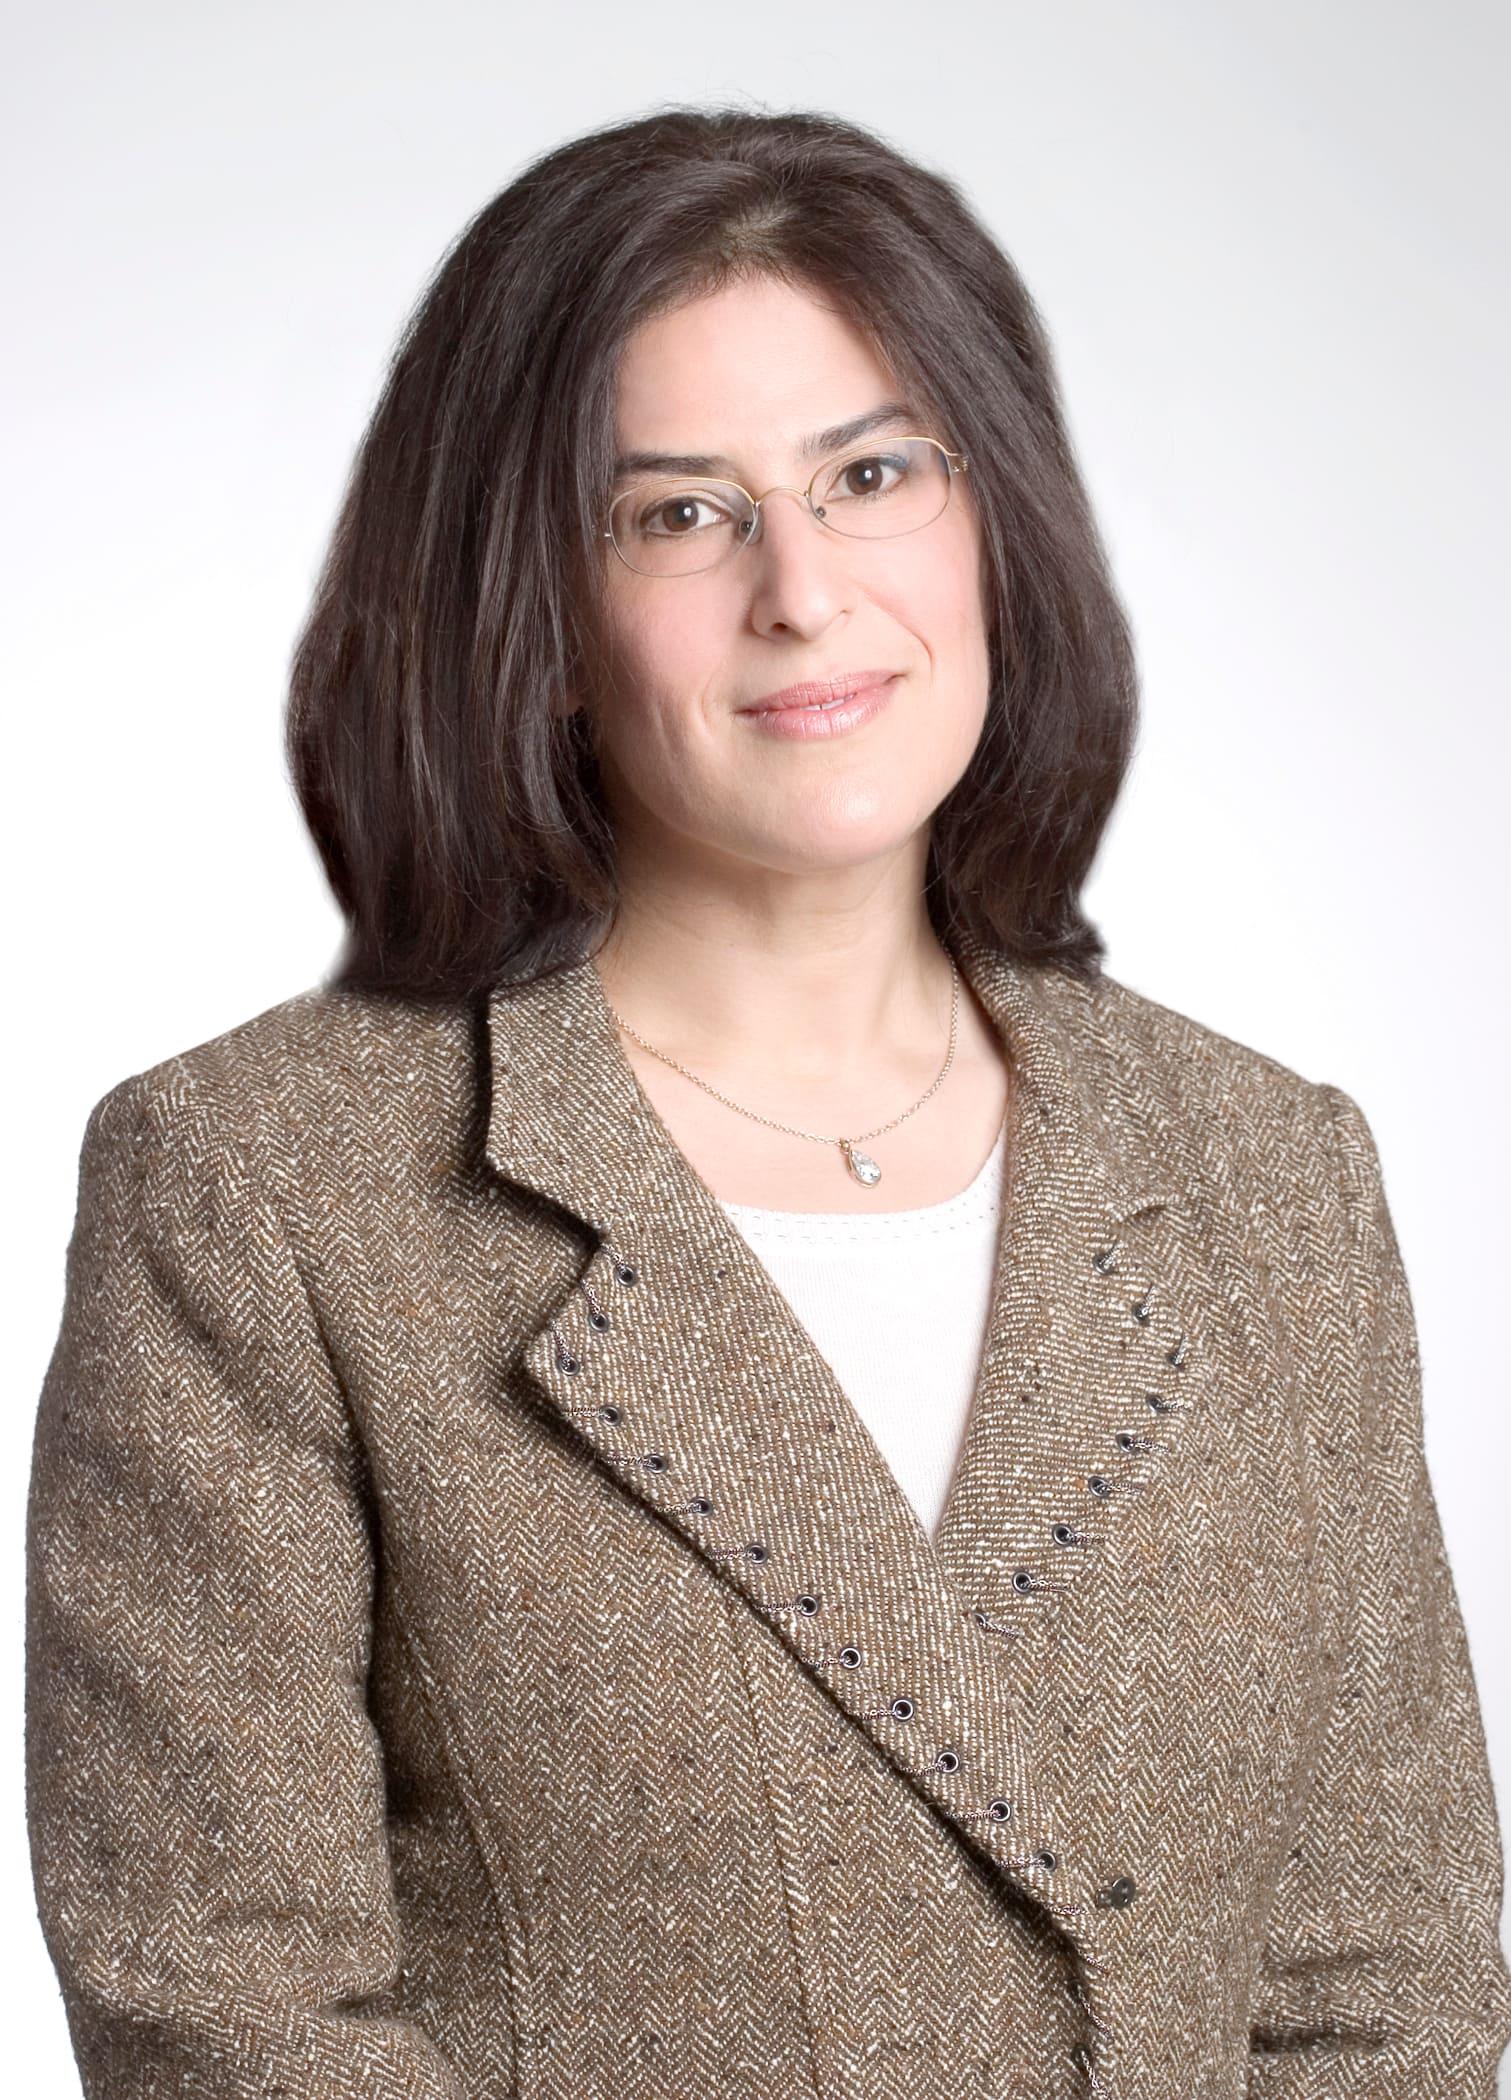 Dr. Rachel E Herschenfeld MD